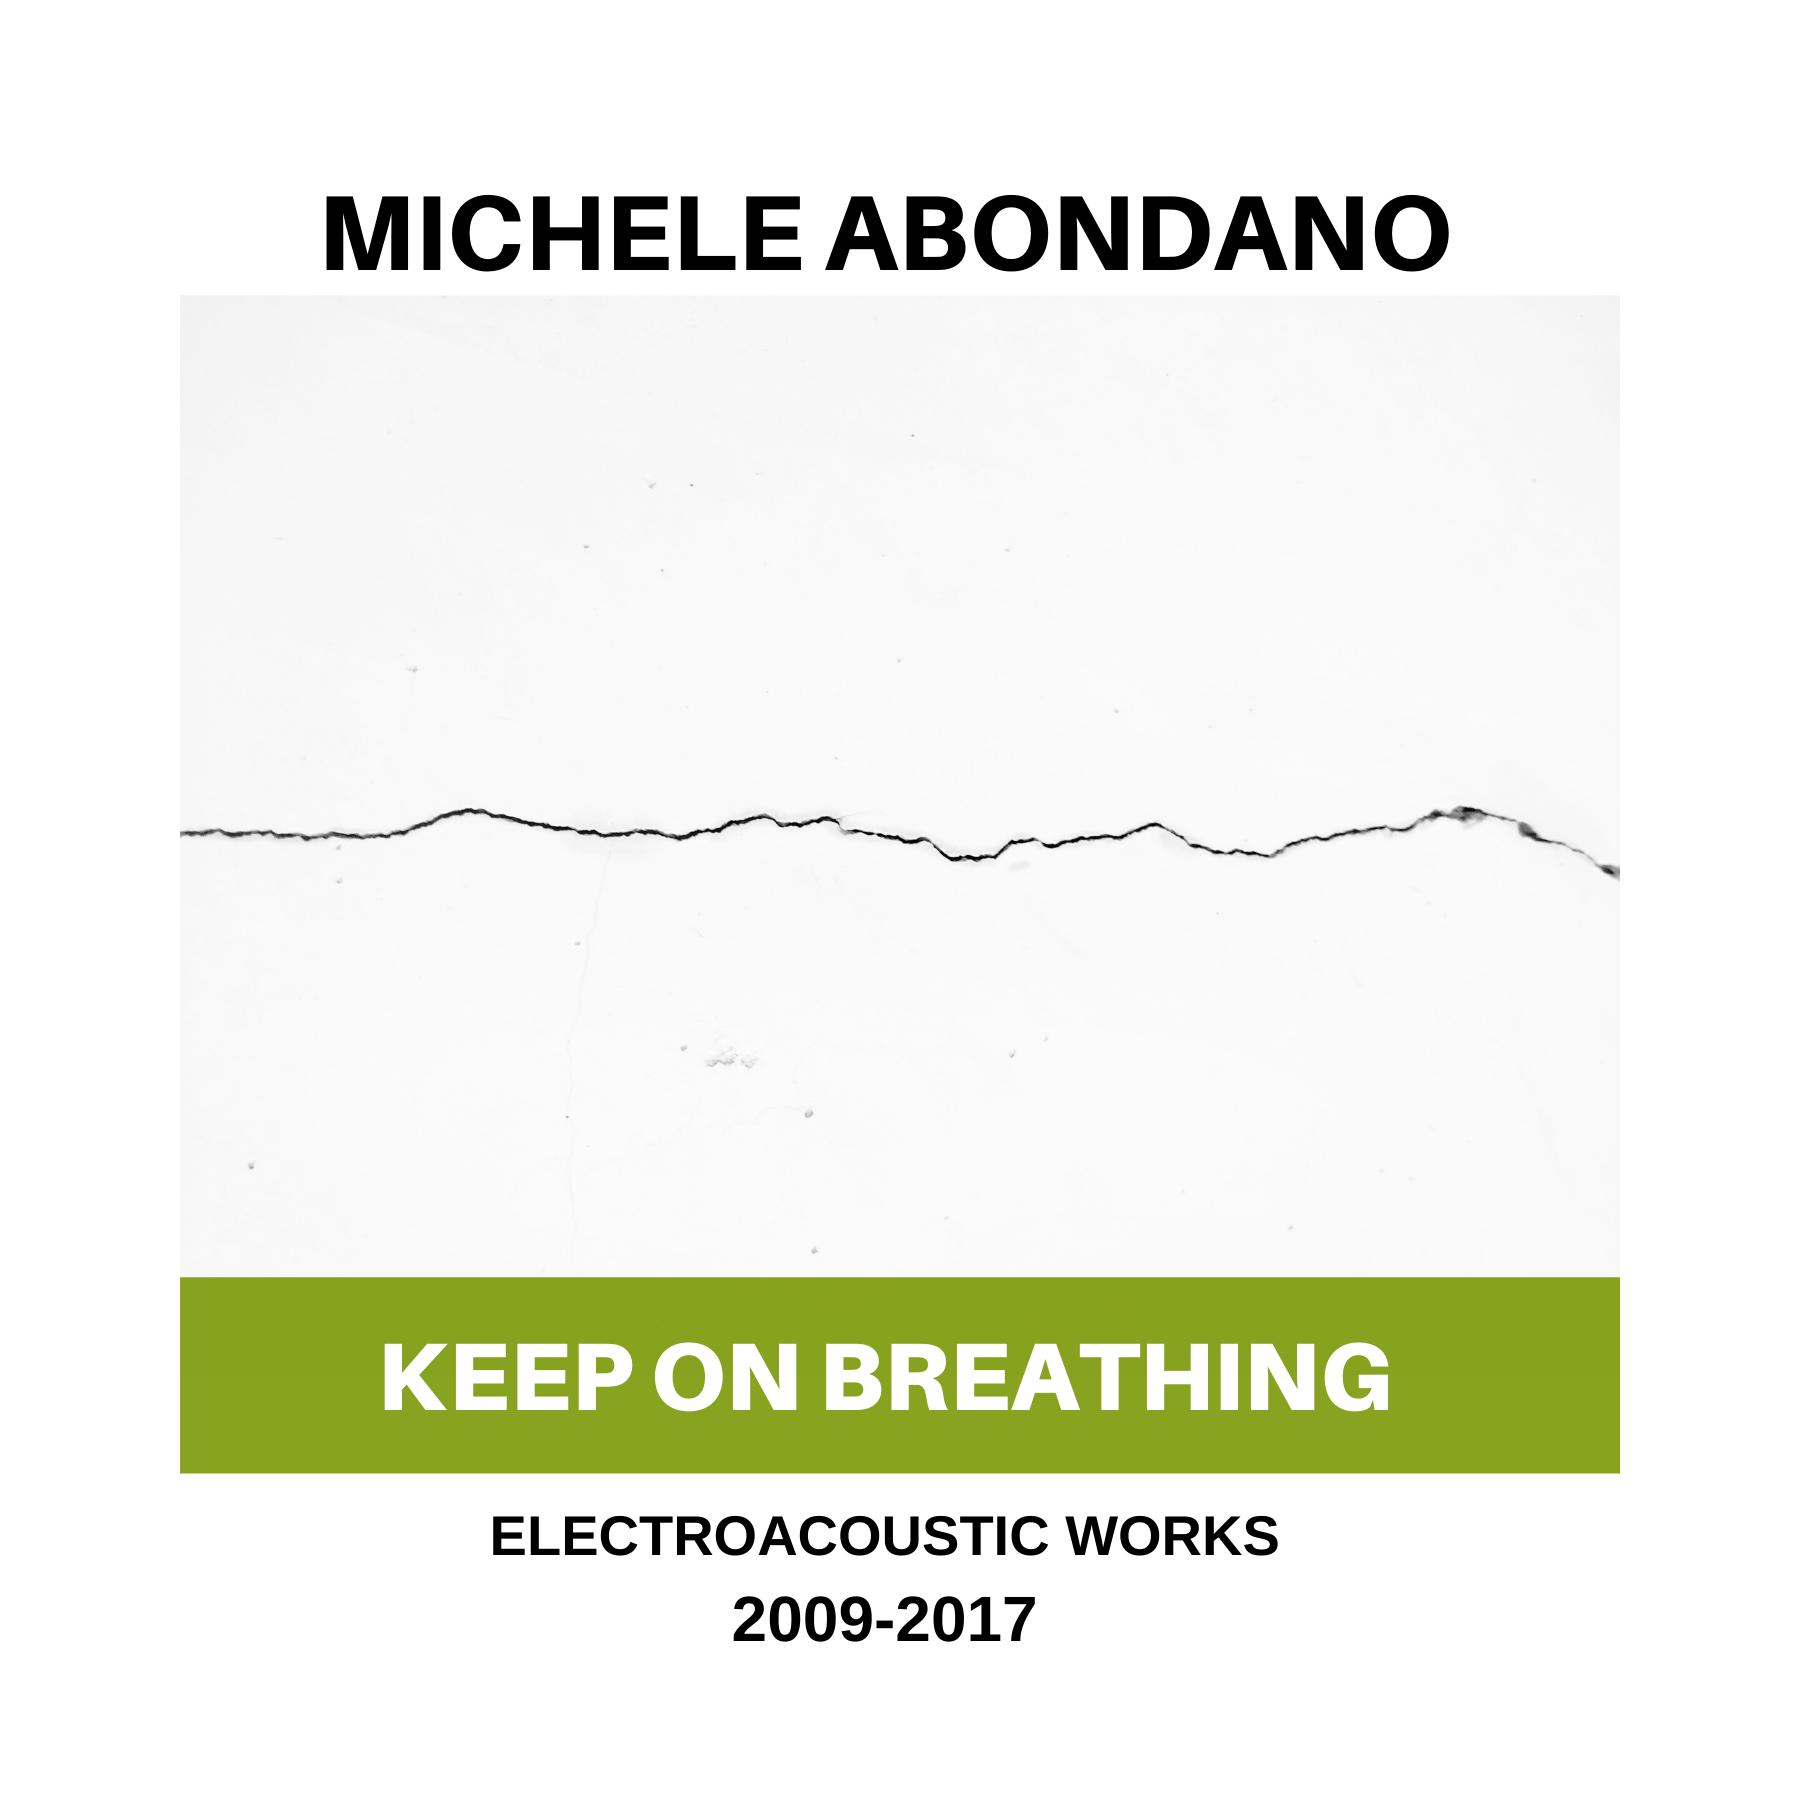 MICHELE ABONDANO_KEEP ON BREATHING